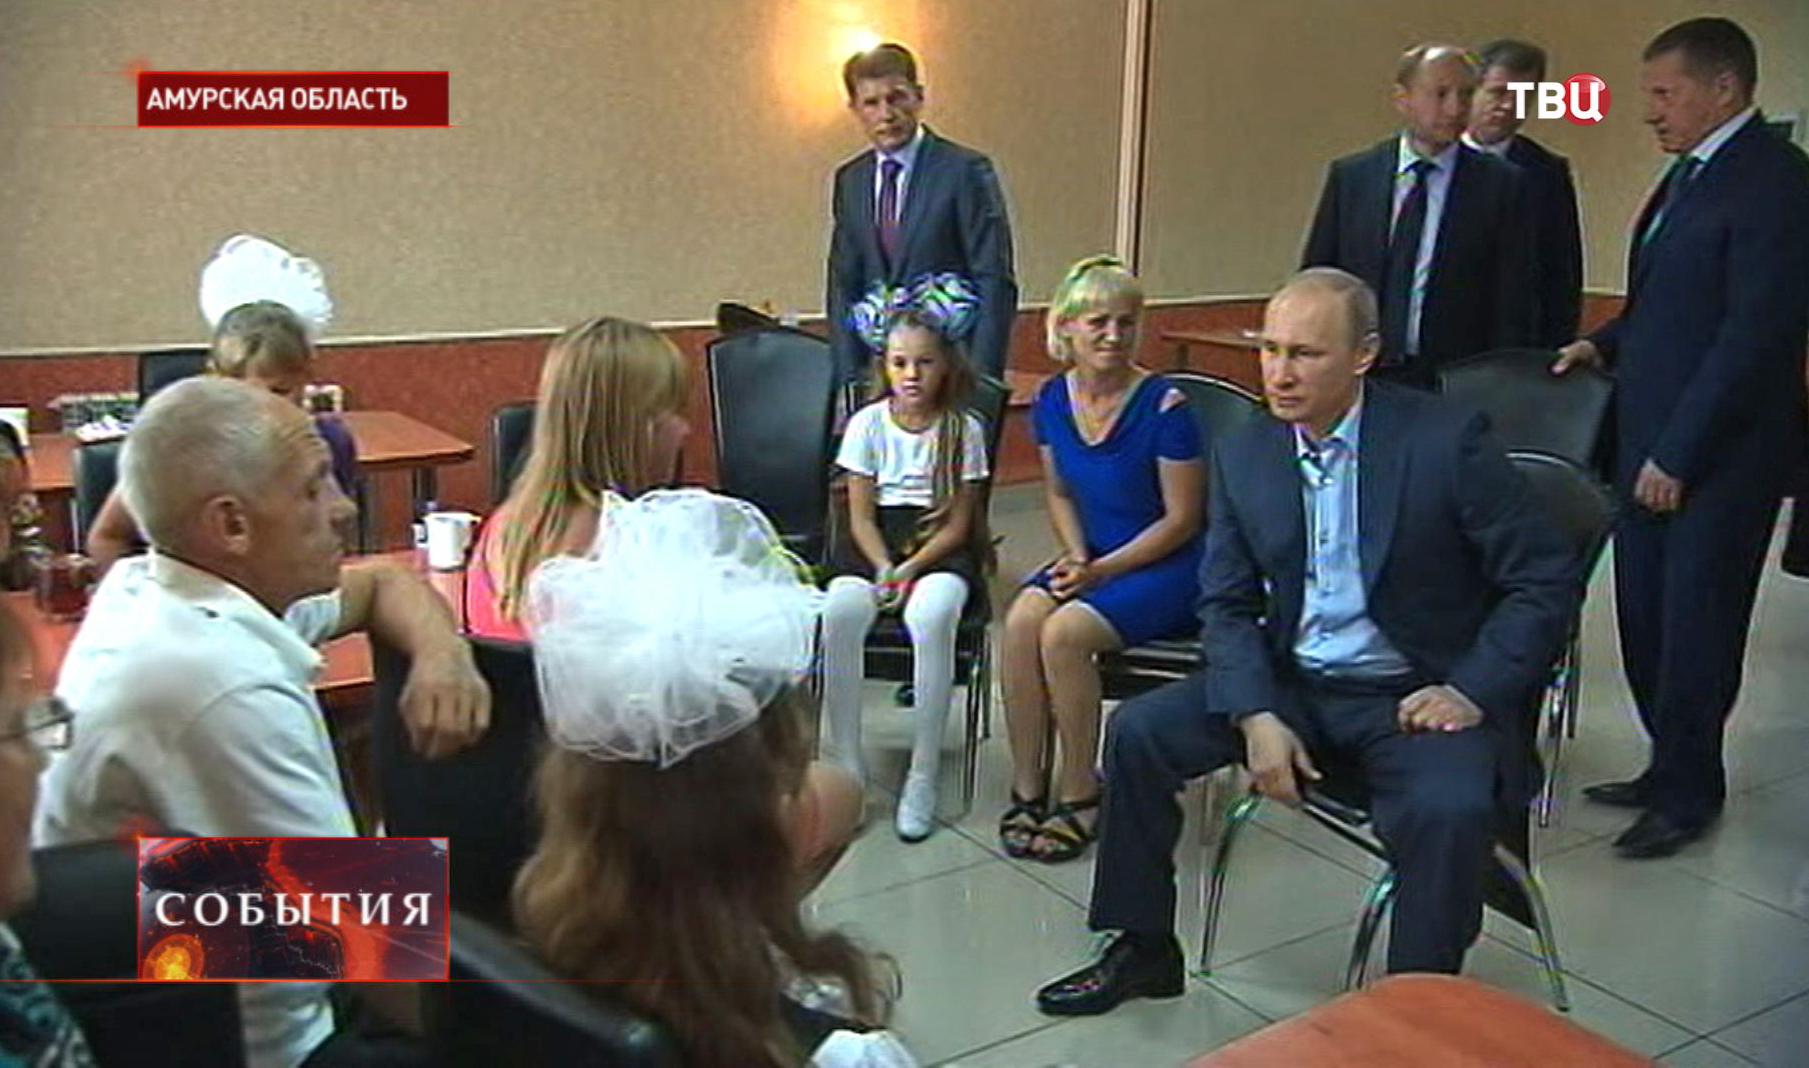 Владимир Путин общается с жителями Амурской области